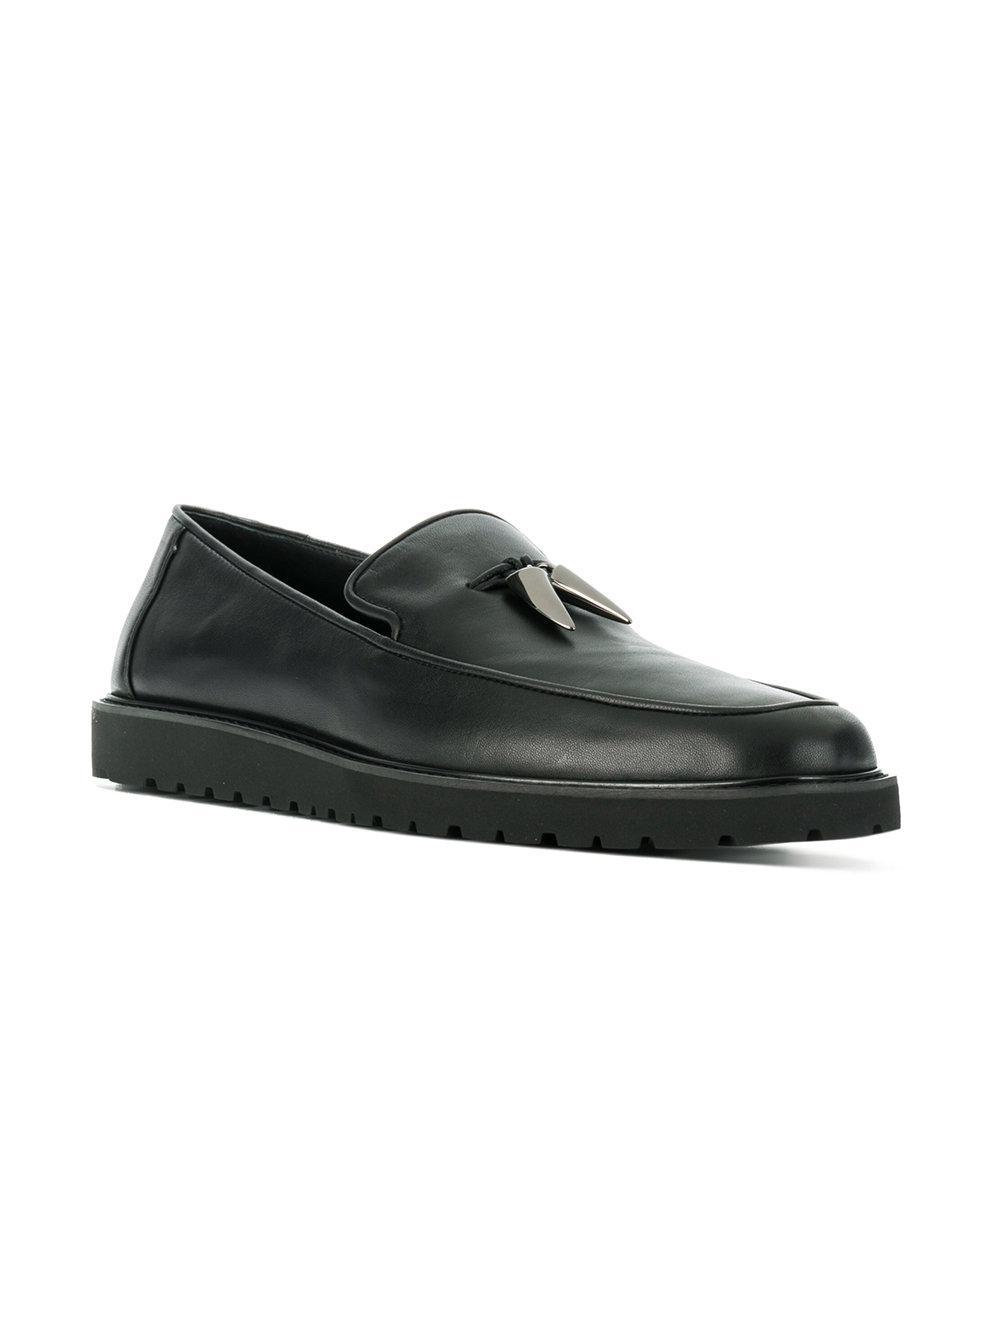 b5e3860eb19 Lyst - Giuseppe Zanotti Shark Tooth Loafers in Black for Men